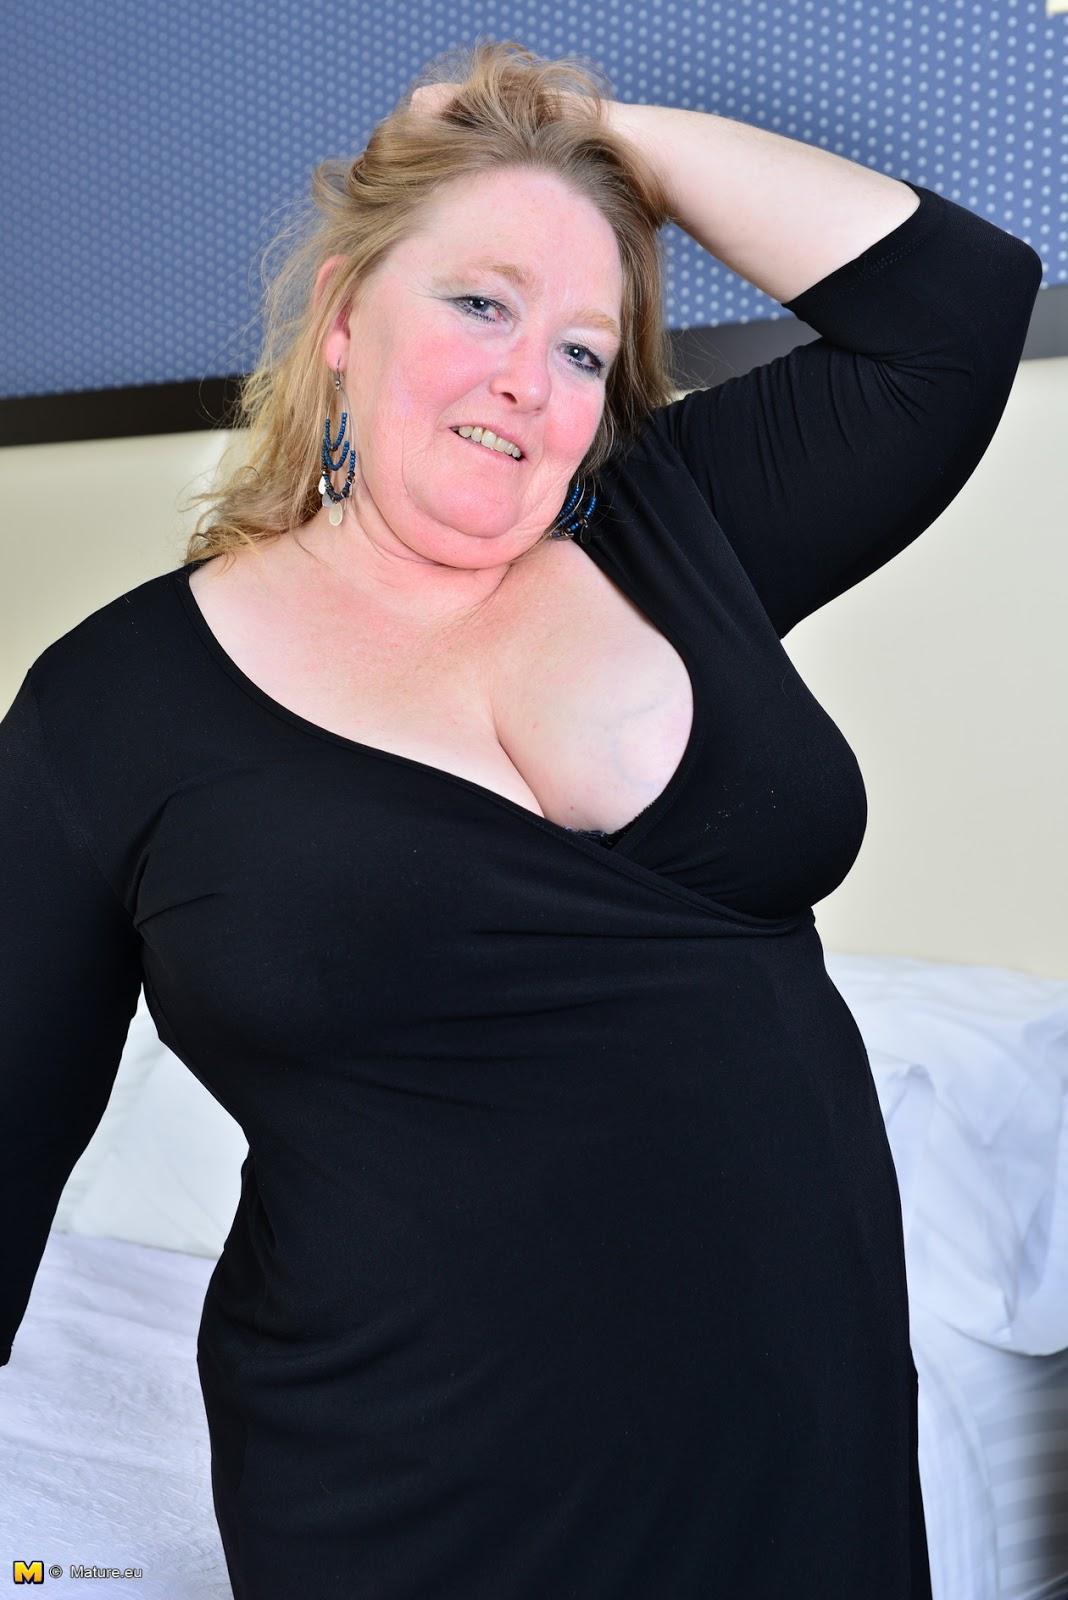 Queensized Beauties 2: Lindy Lust